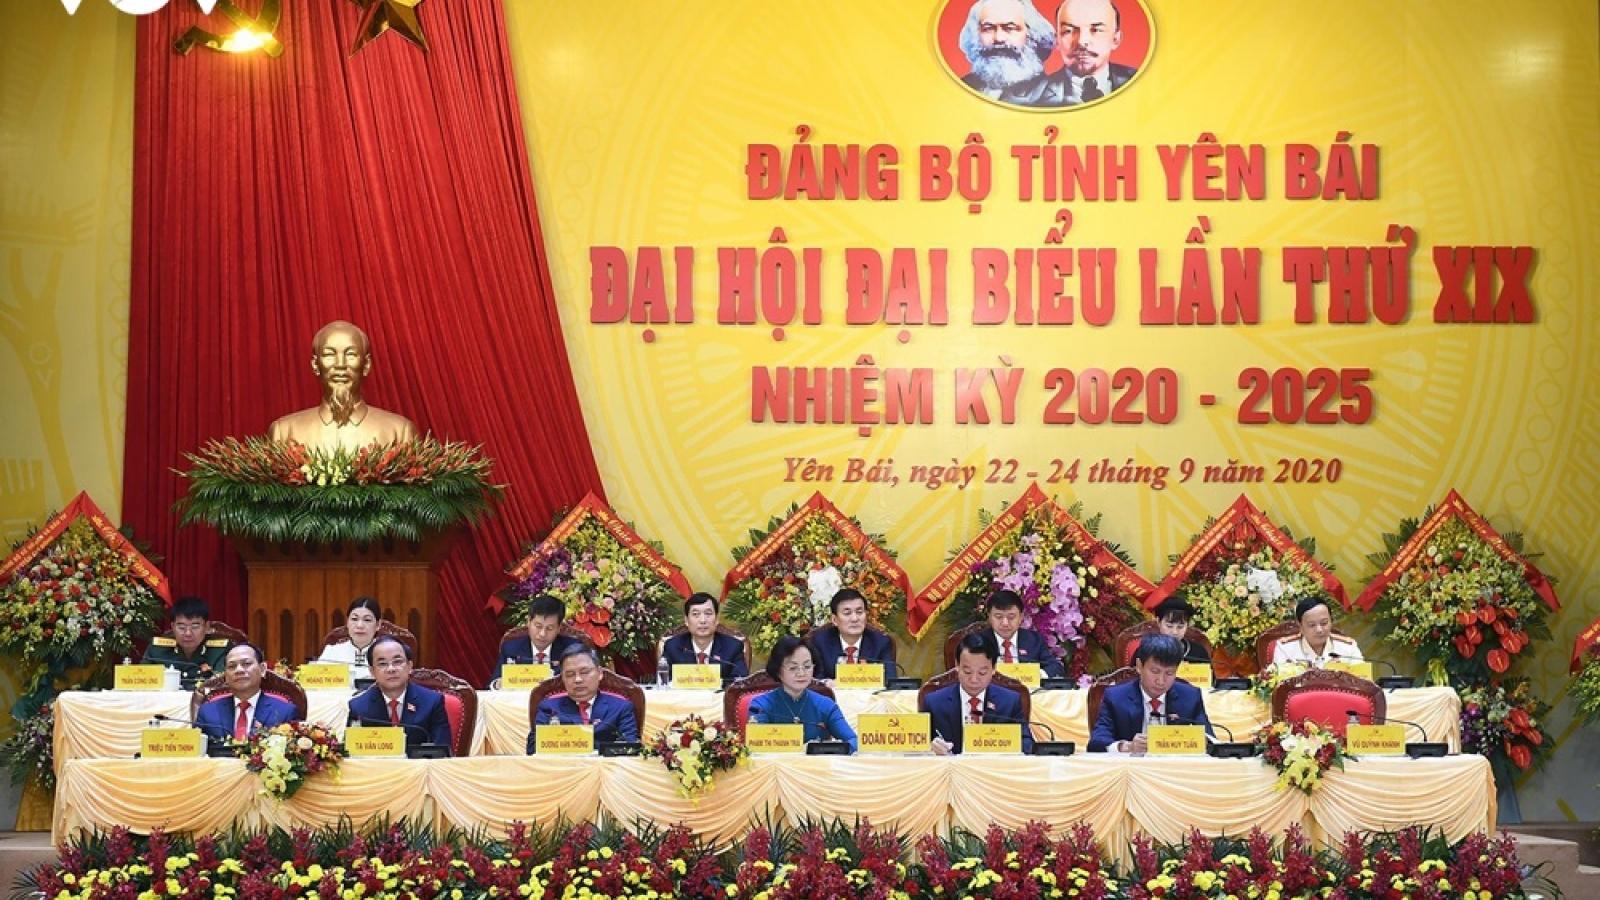 Thường trực Ban Bí thư Trần Quốc Vượng dự Đại hội Đảng bộ tỉnh Yên Bái